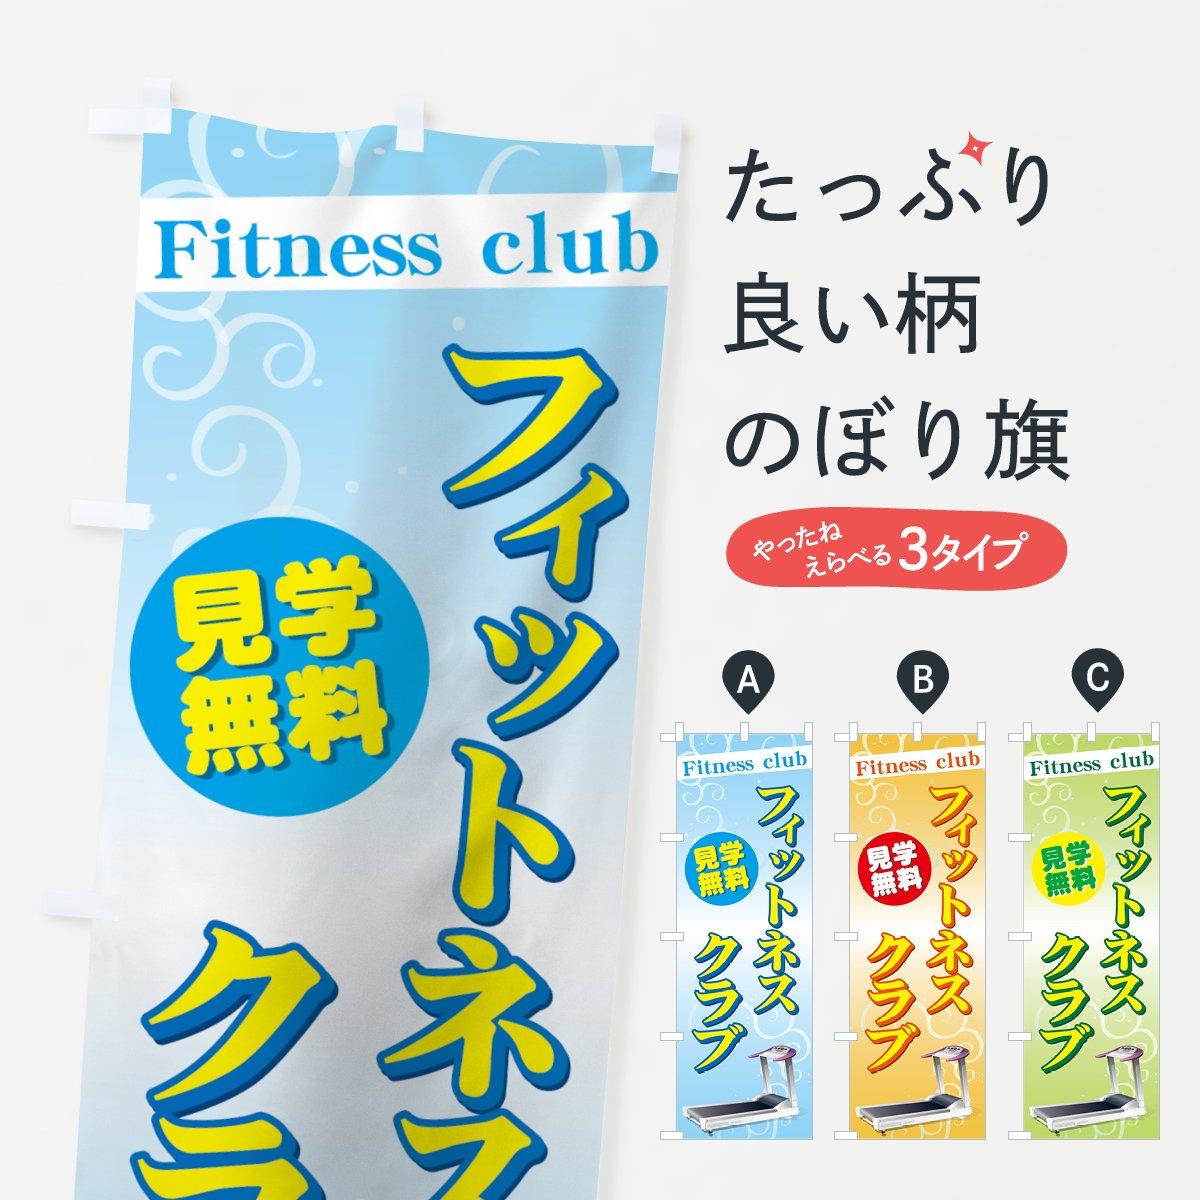 フィットネスクラブのぼり旗 見学無料 Fitness club